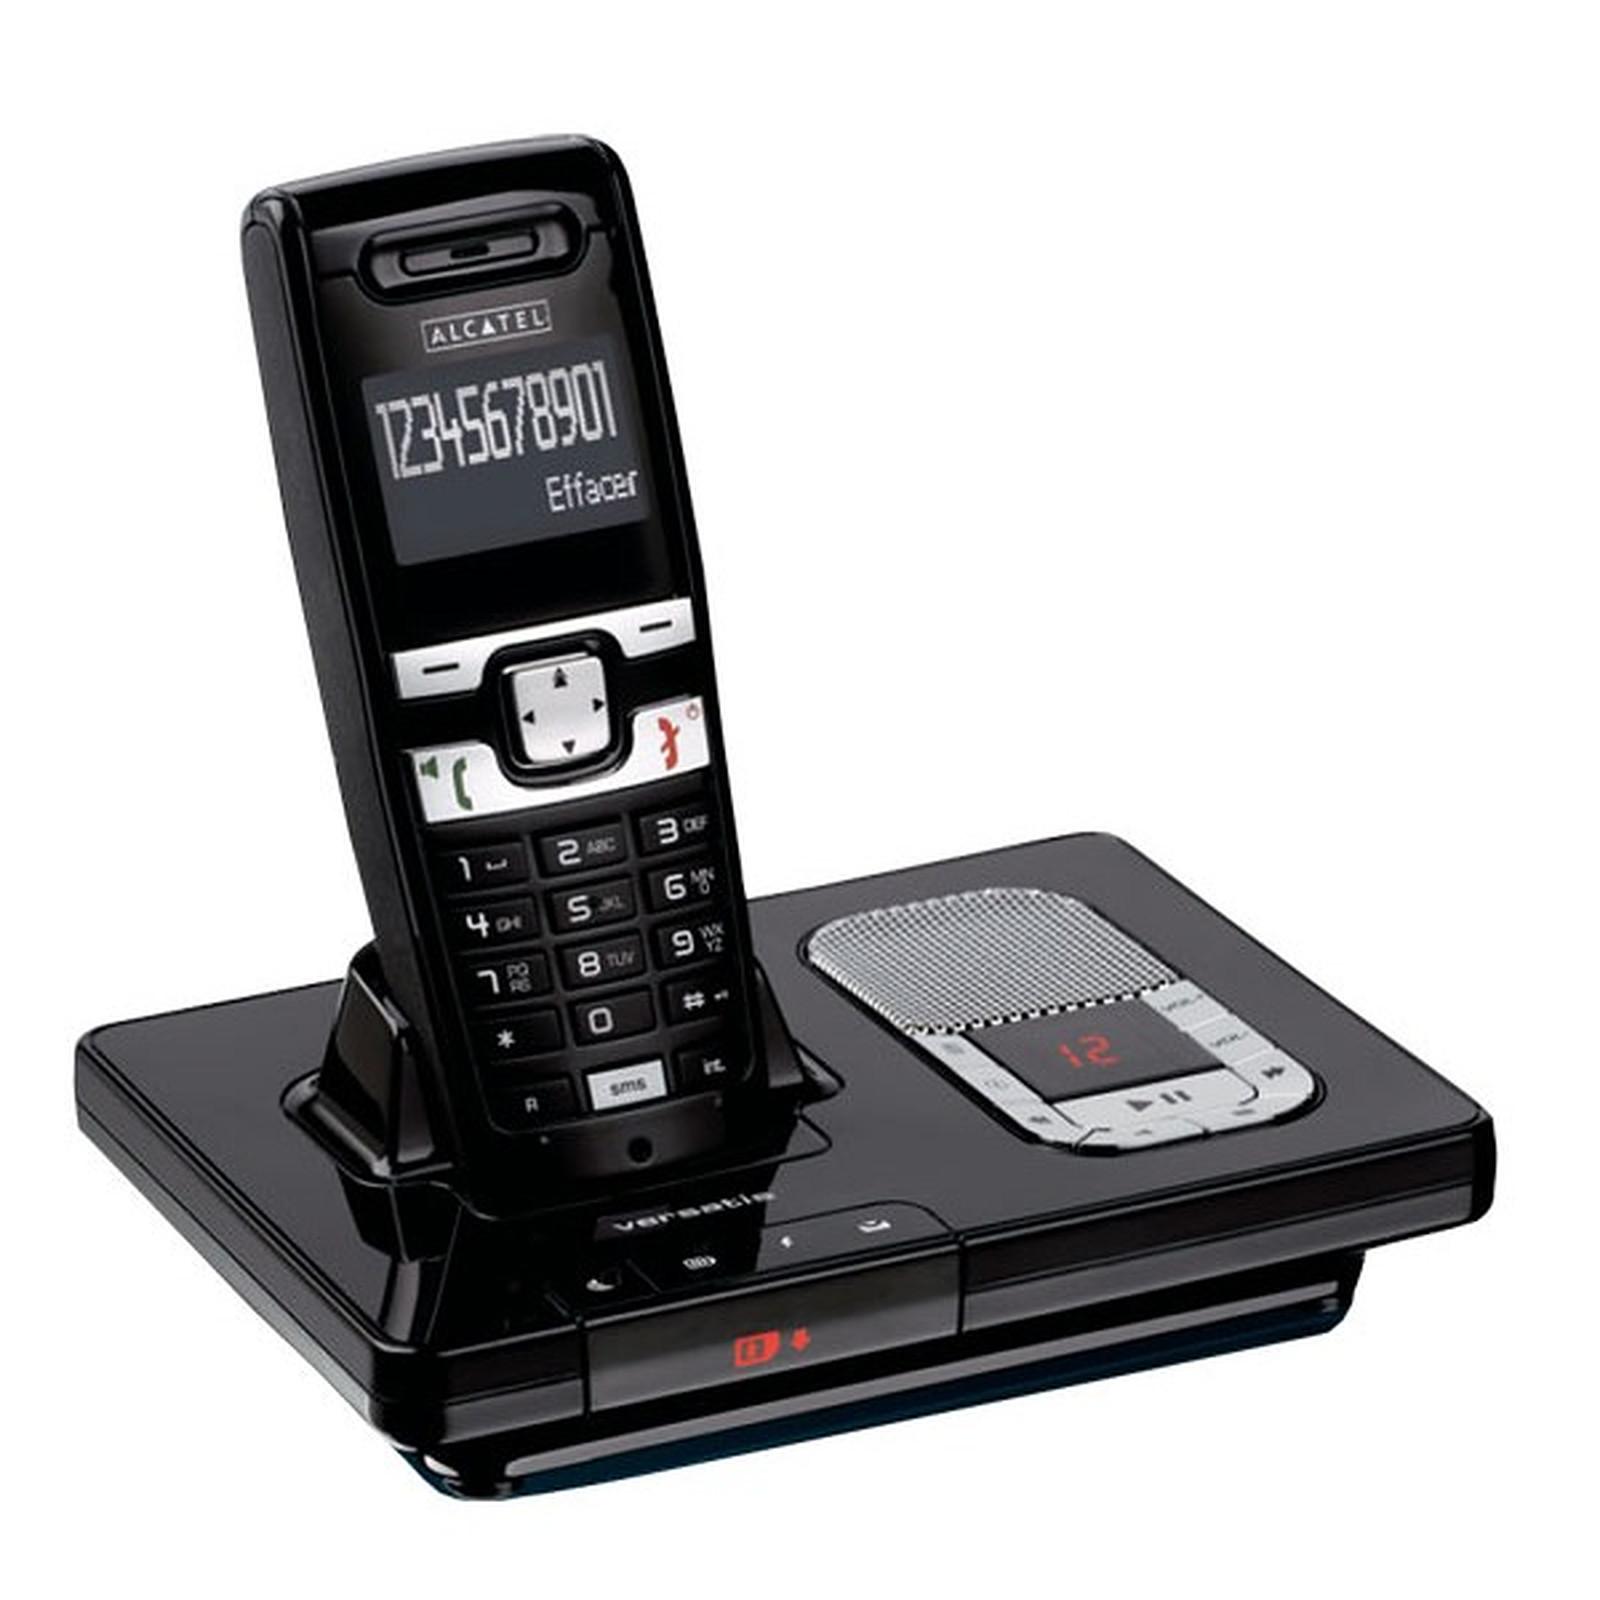 alcatel versatis 1230 voice t l phone sans fil alcatel sur. Black Bedroom Furniture Sets. Home Design Ideas